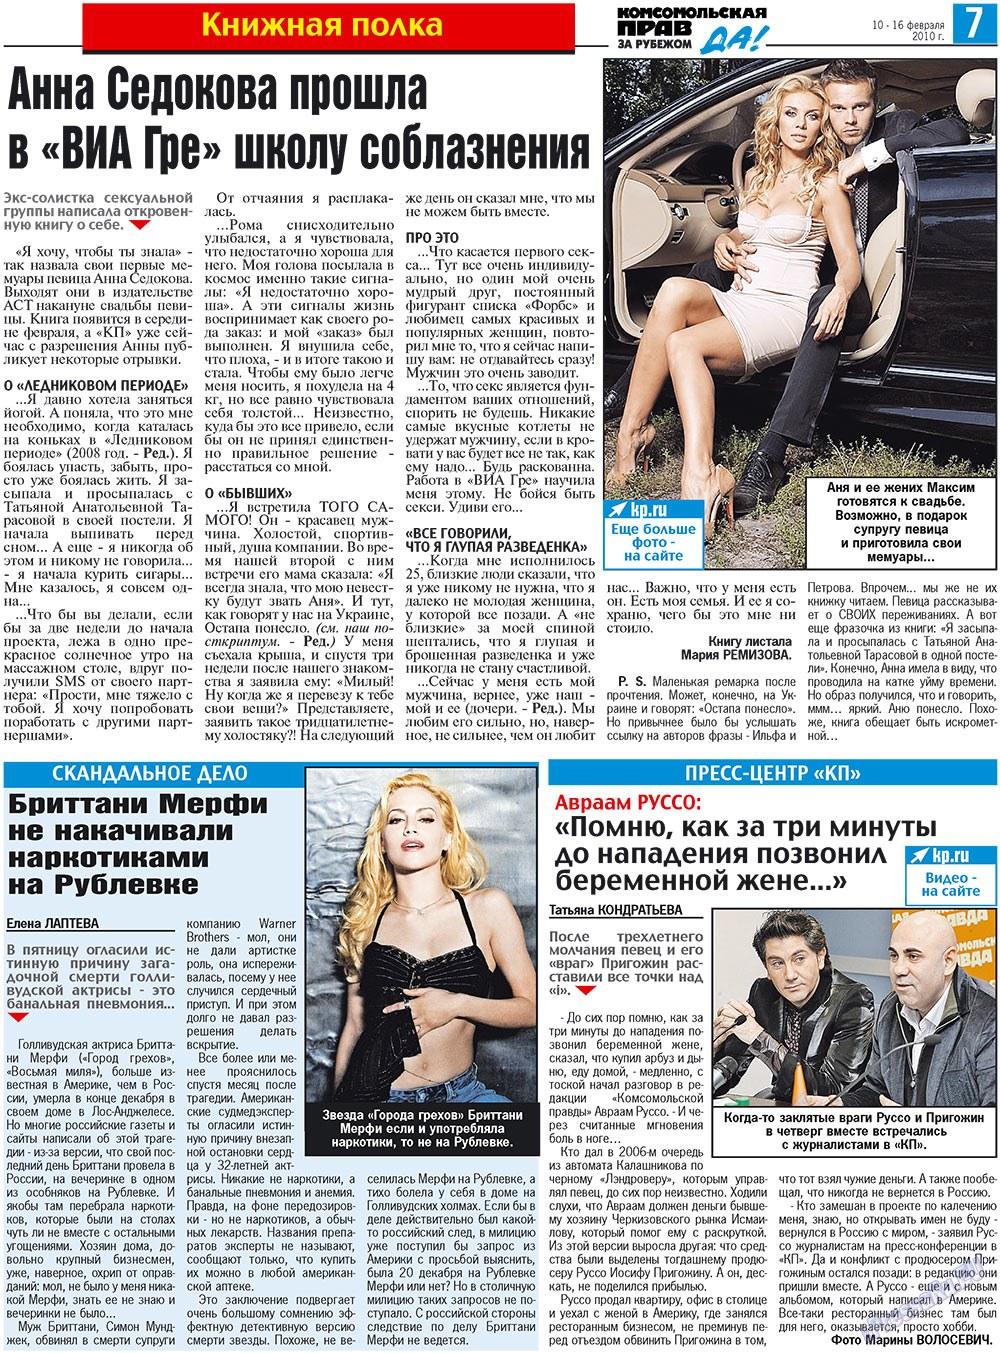 Наша Газета Ирландия (газета). 2010 год, номер 6, стр. 15